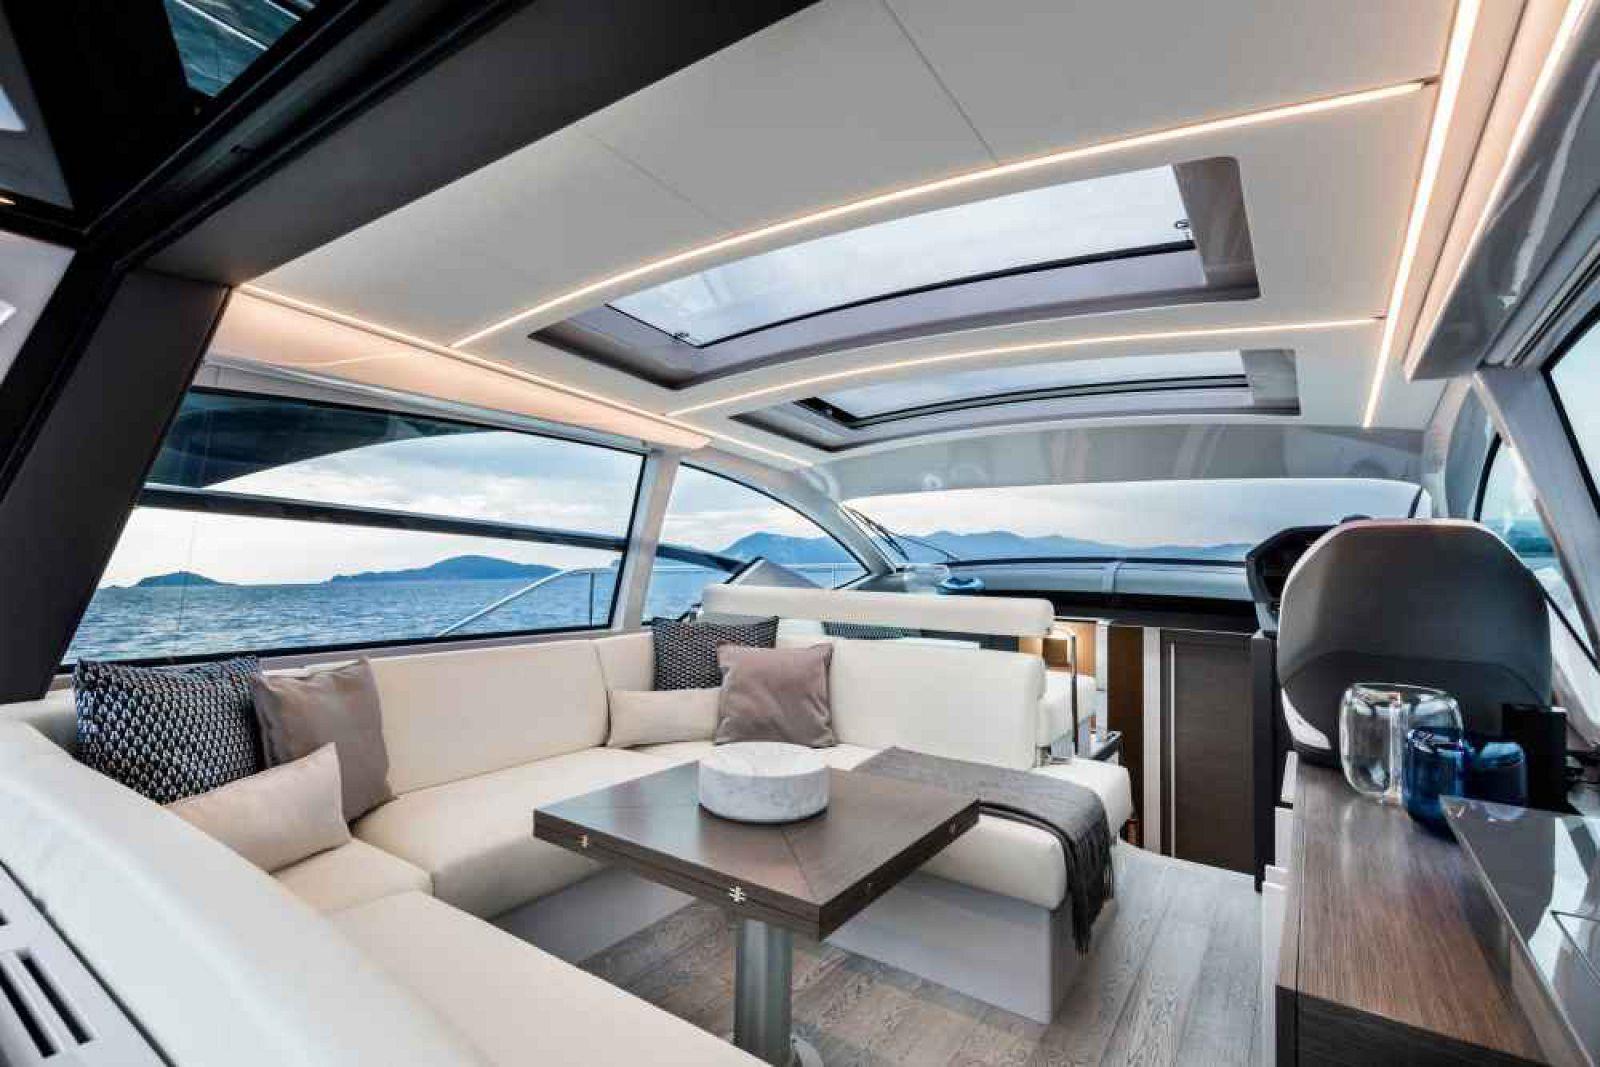 Pershing 5X boat >